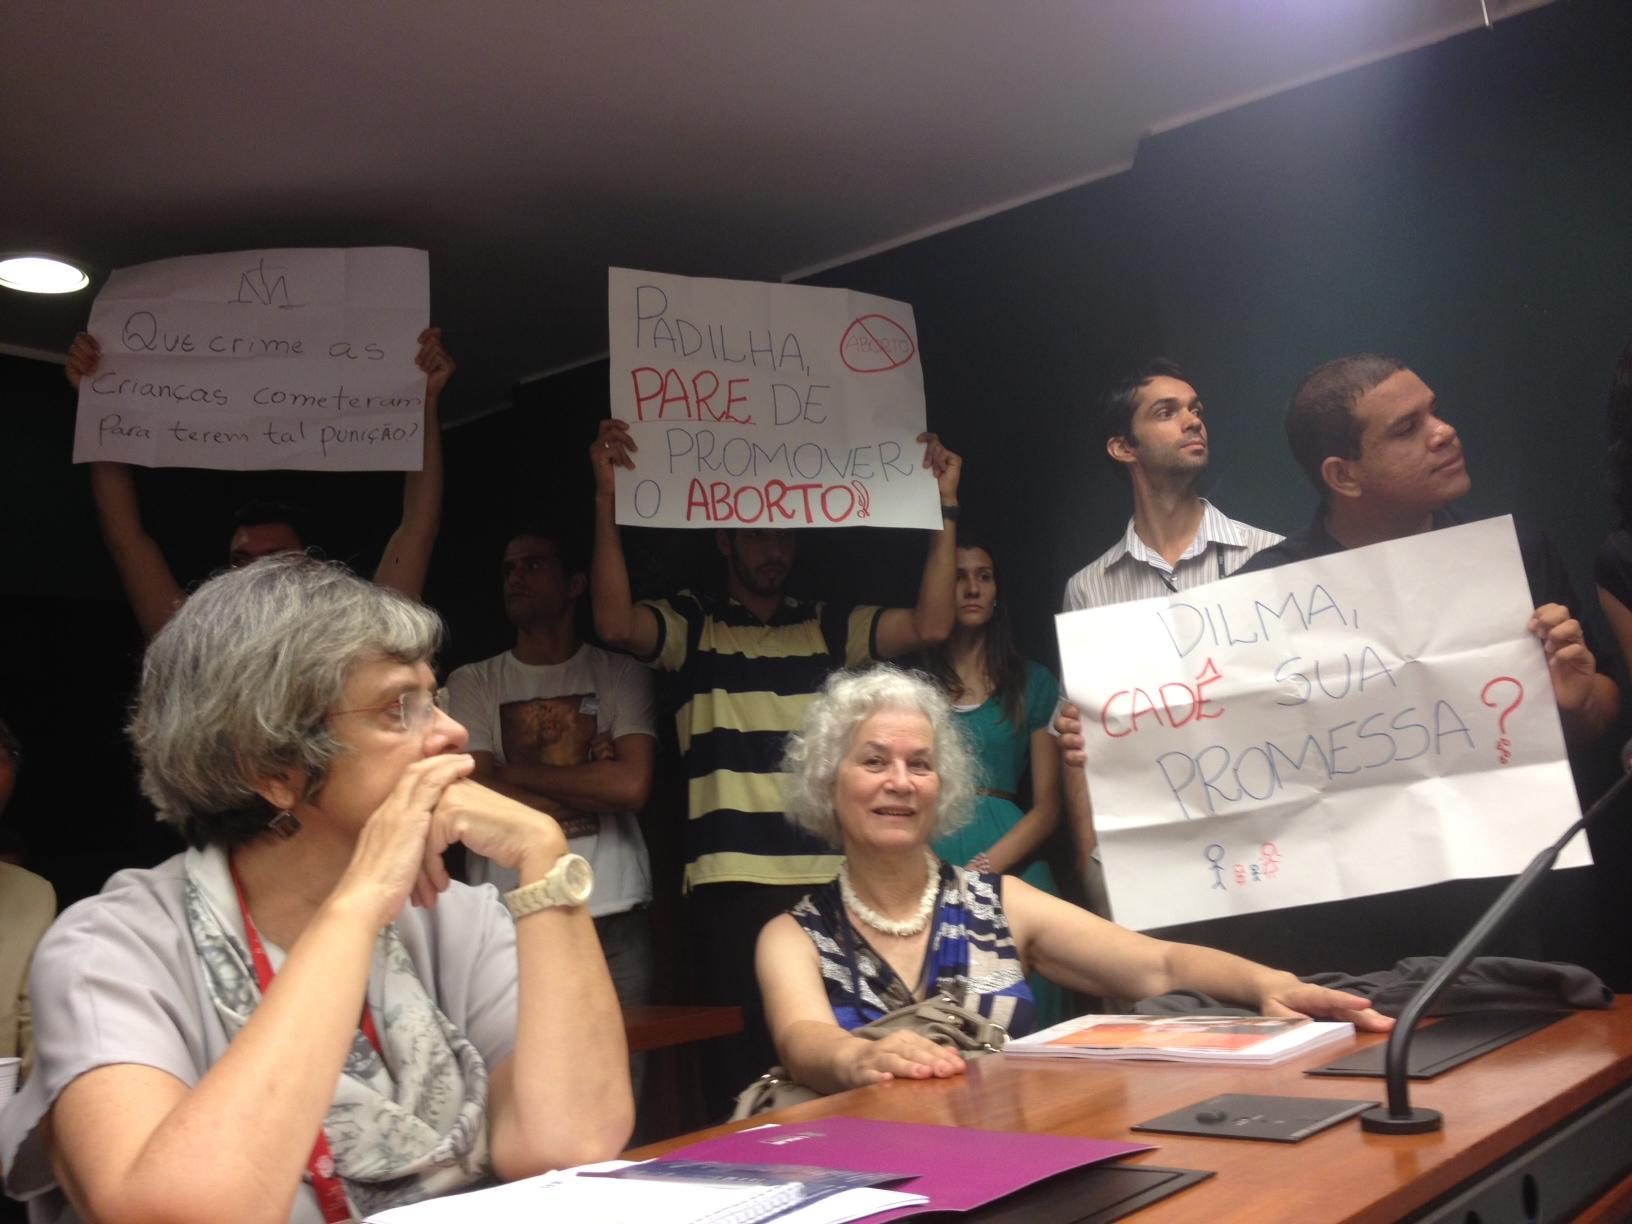 Brazilian anti-abortion protestors